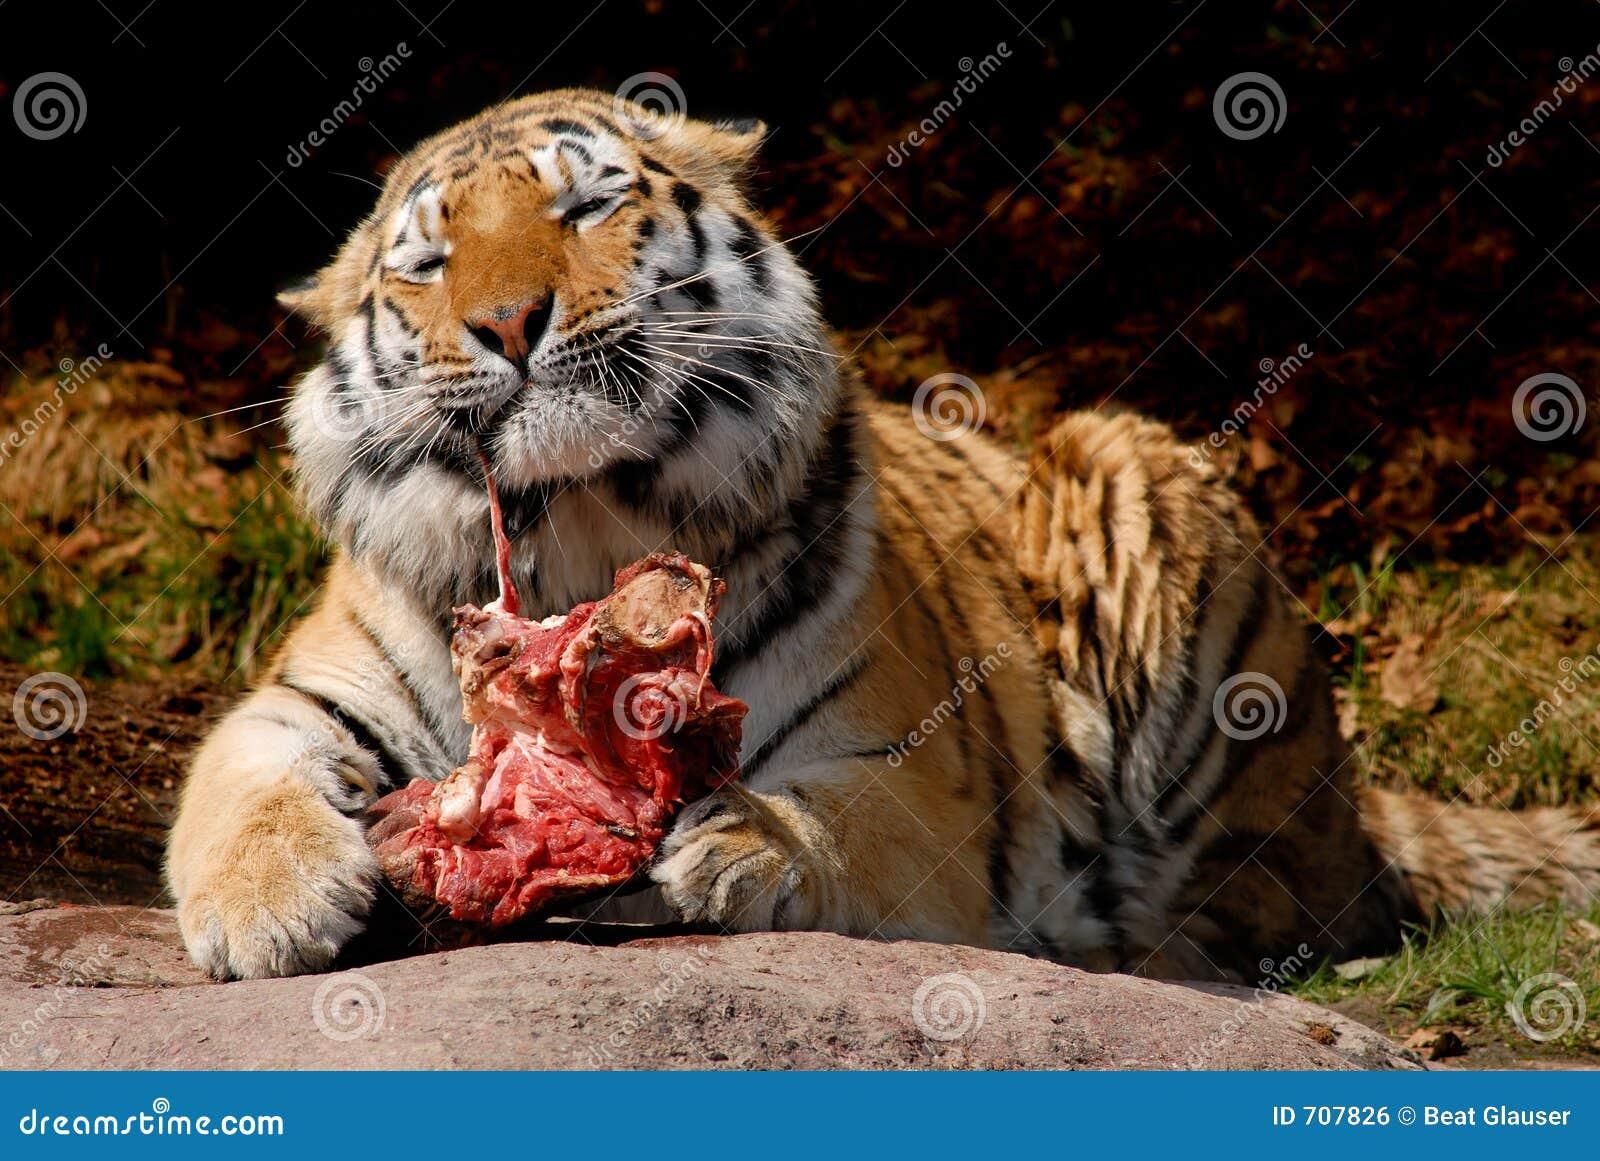 tiger food royalty free stock image image 707826. Black Bedroom Furniture Sets. Home Design Ideas